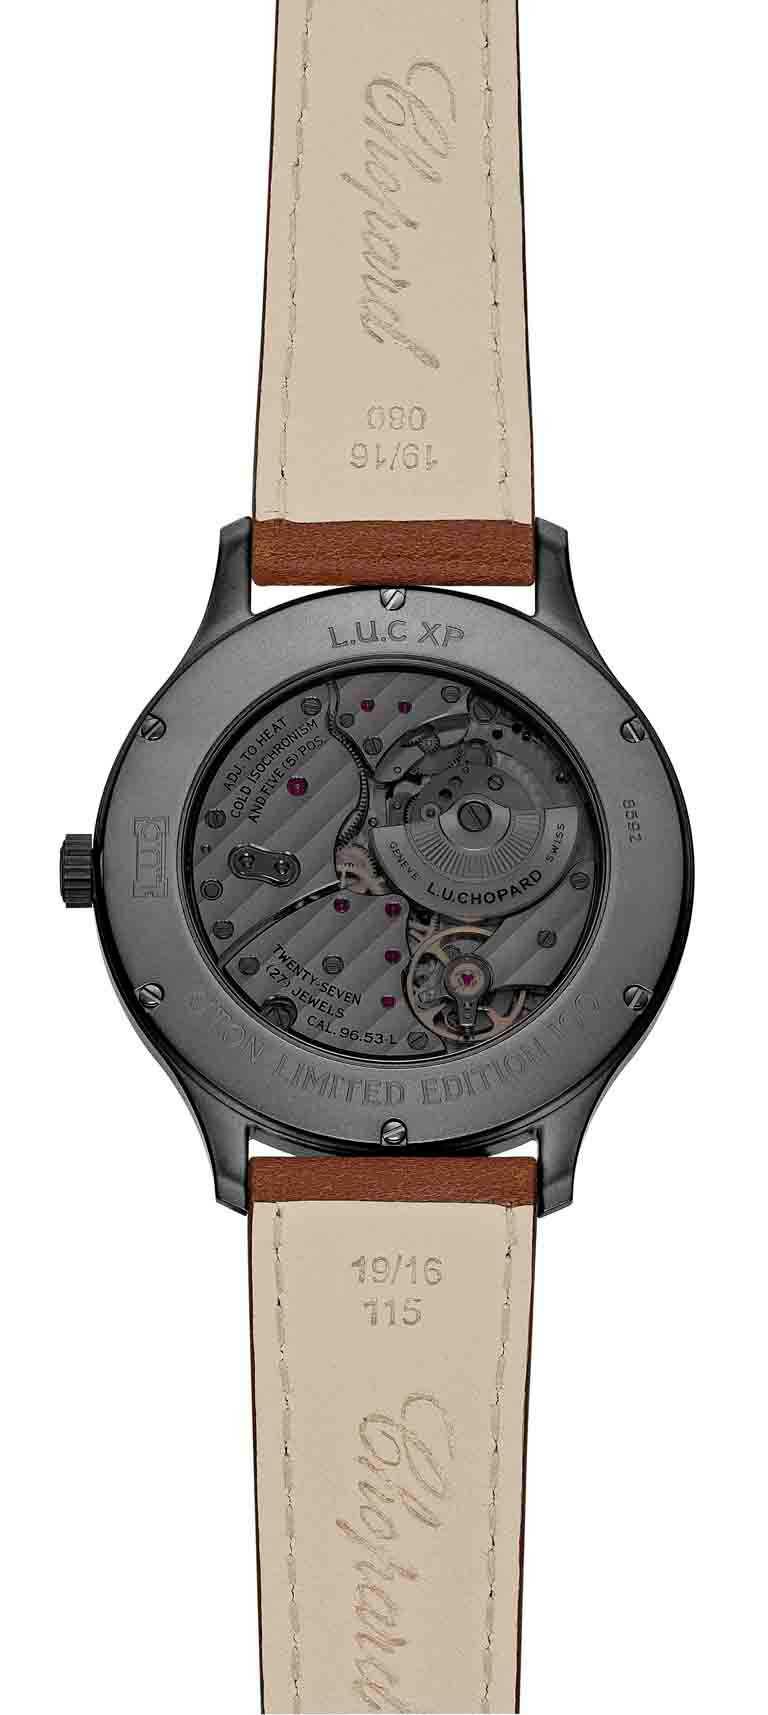 透過CHOPARD「L.U.C Skull One」腕錶煙燻黑的優雅底蓋,可盡覽機芯精密運轉。(圖╱CHOPARD提供)